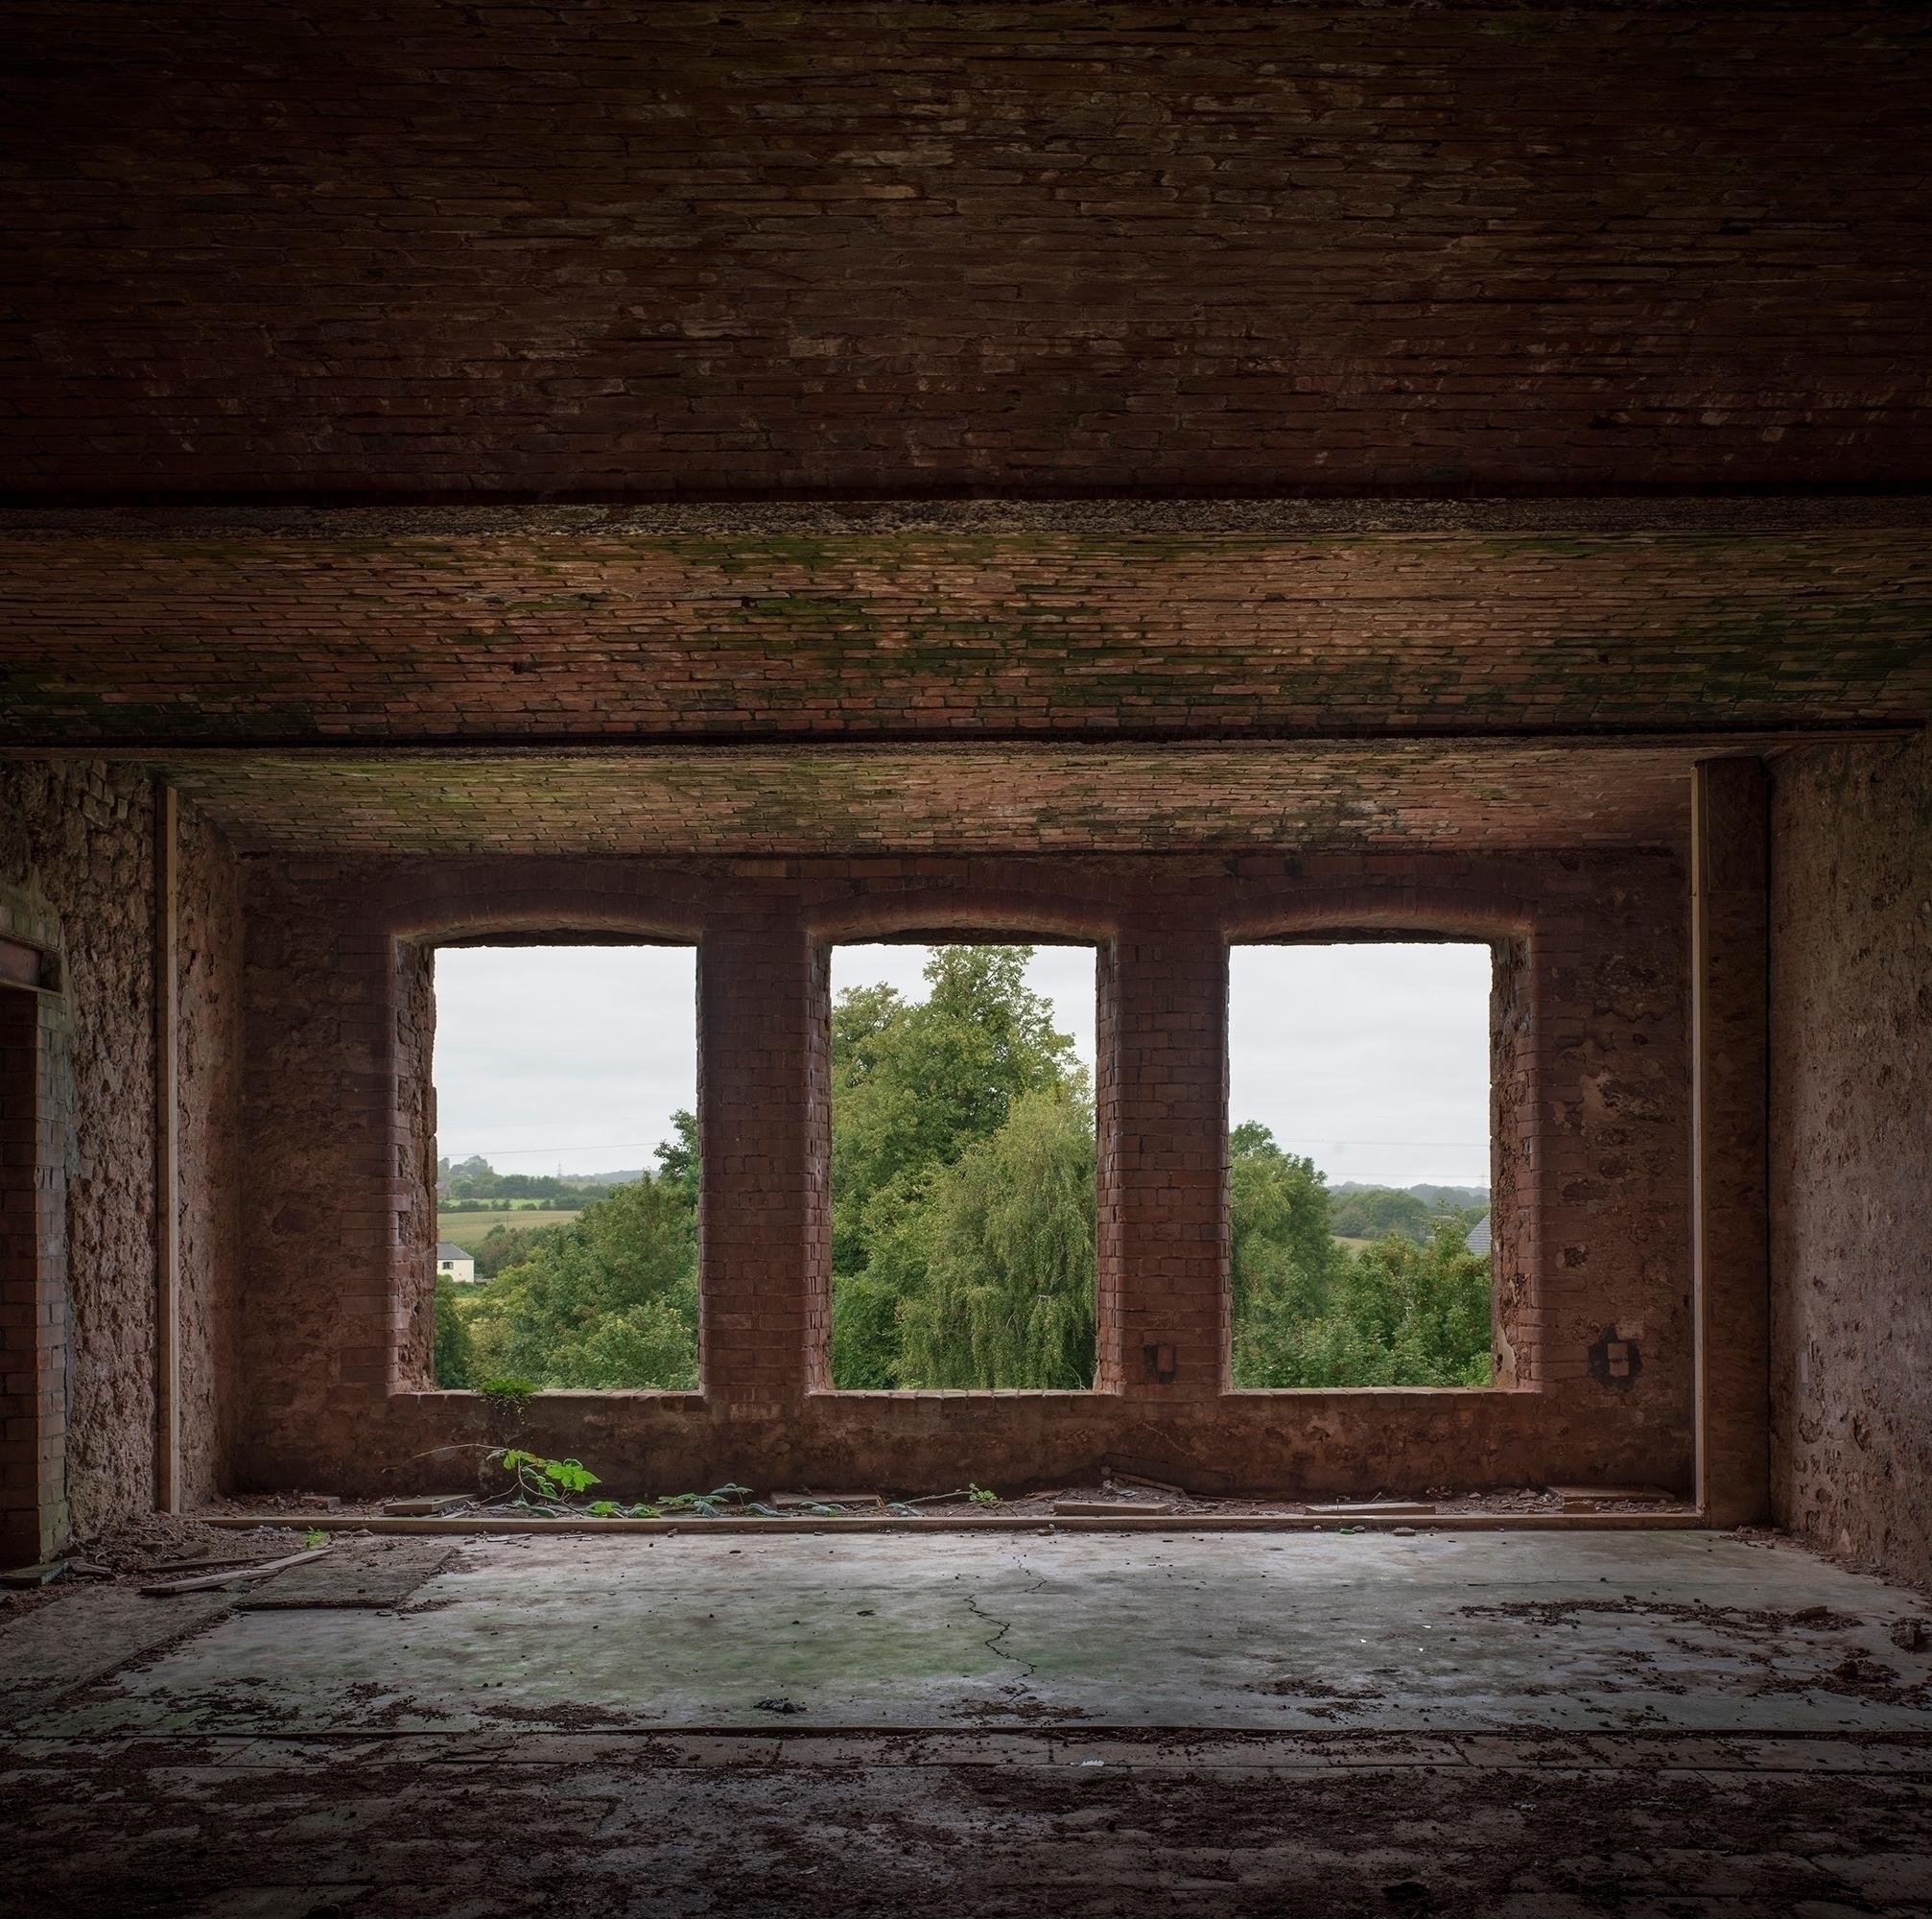 abandoned industrial revolution - forgottenheritage | ello